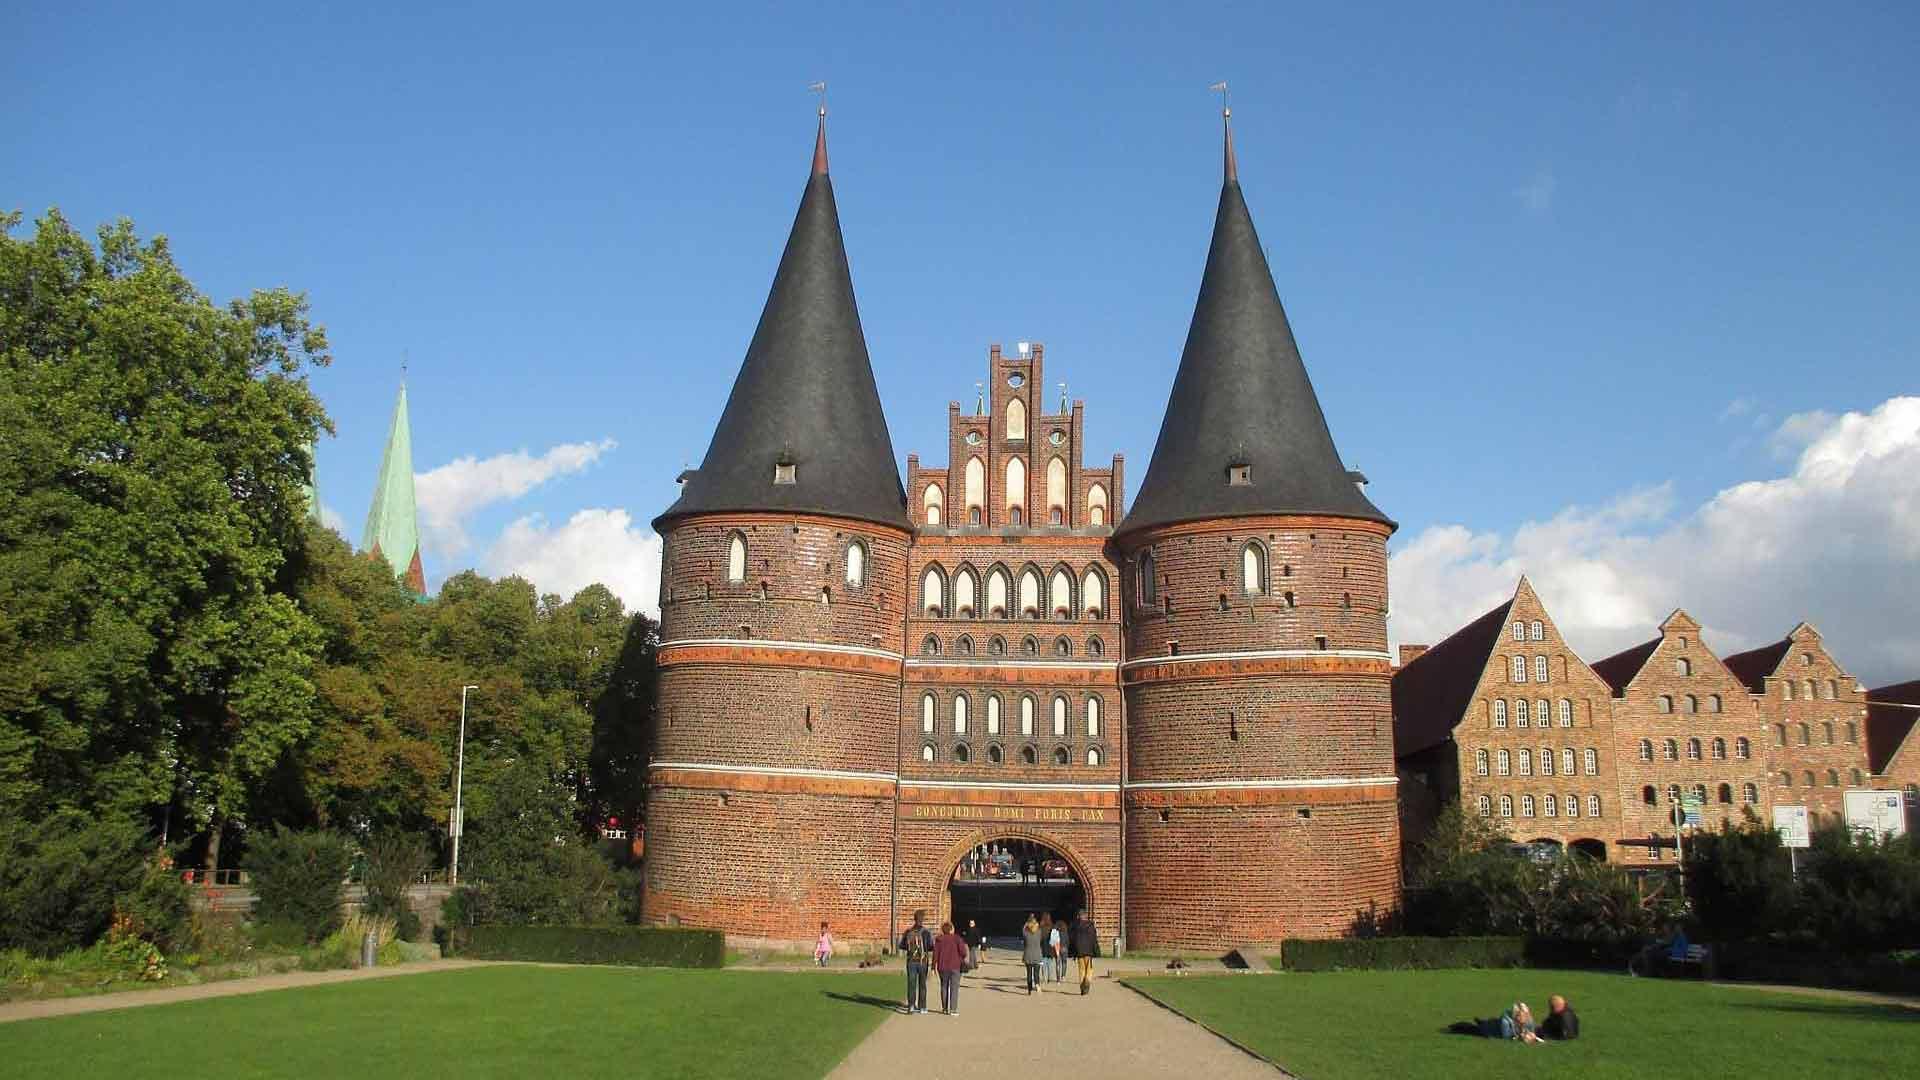 Het Holstentor, de middeleeuwse stadspoort, is het symbool van de Hanzestad Lübeck.